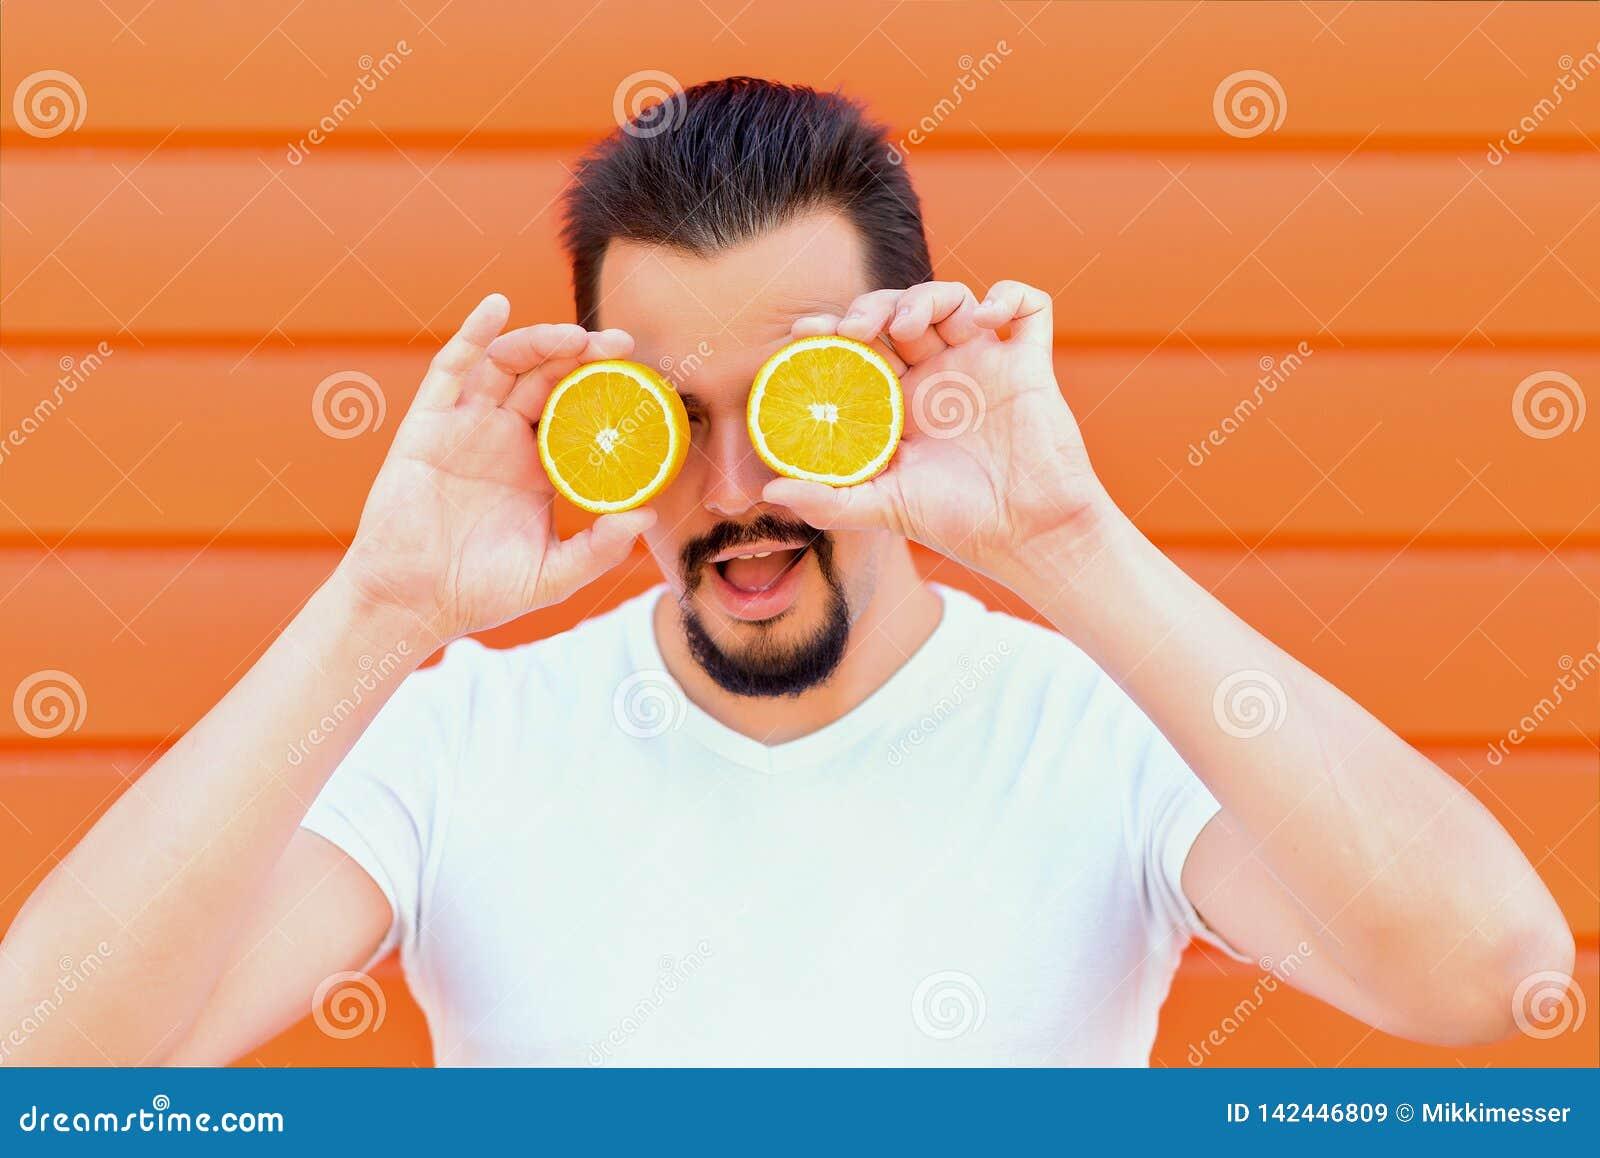 Freschezza e stile di vita sano: ritratto dell uomo sexy bello con gli occhi nascondentesi della barba dietro le arance affettate